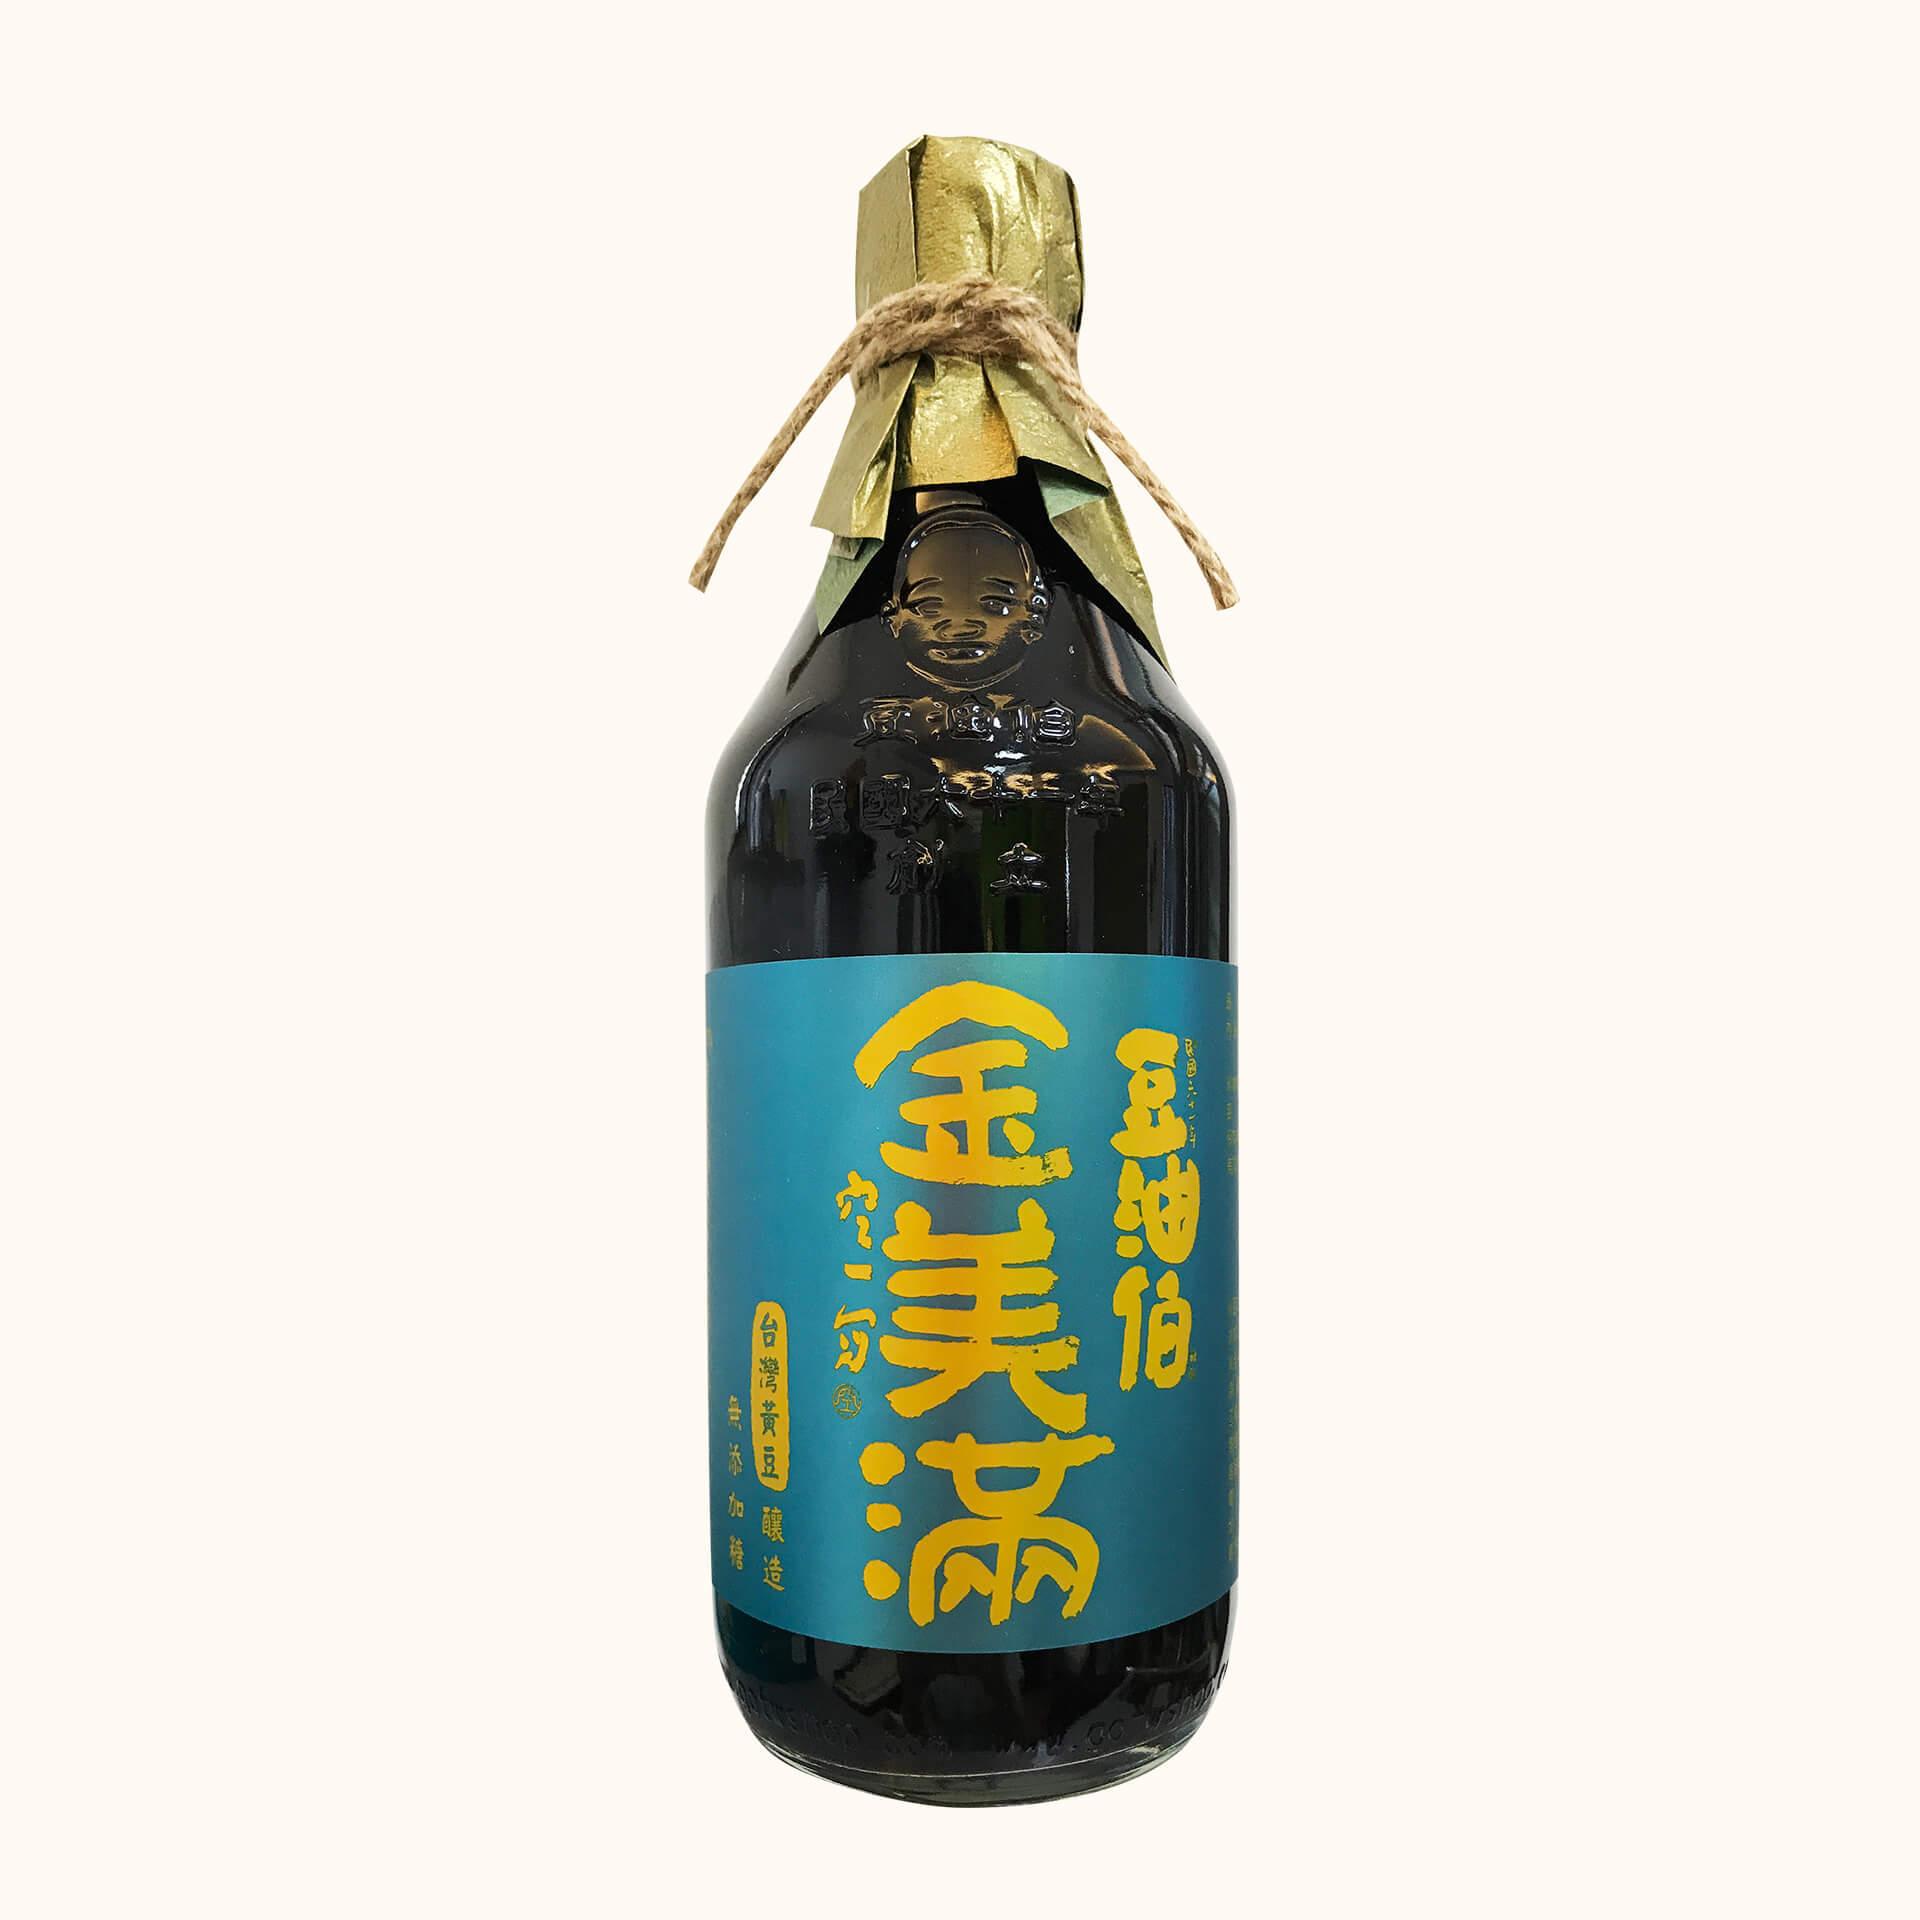 【田蜜美滿伴手禮】甘田醬油2入+金美滿醬油2入+金美好醬油2入(禮盒2組,共6入)